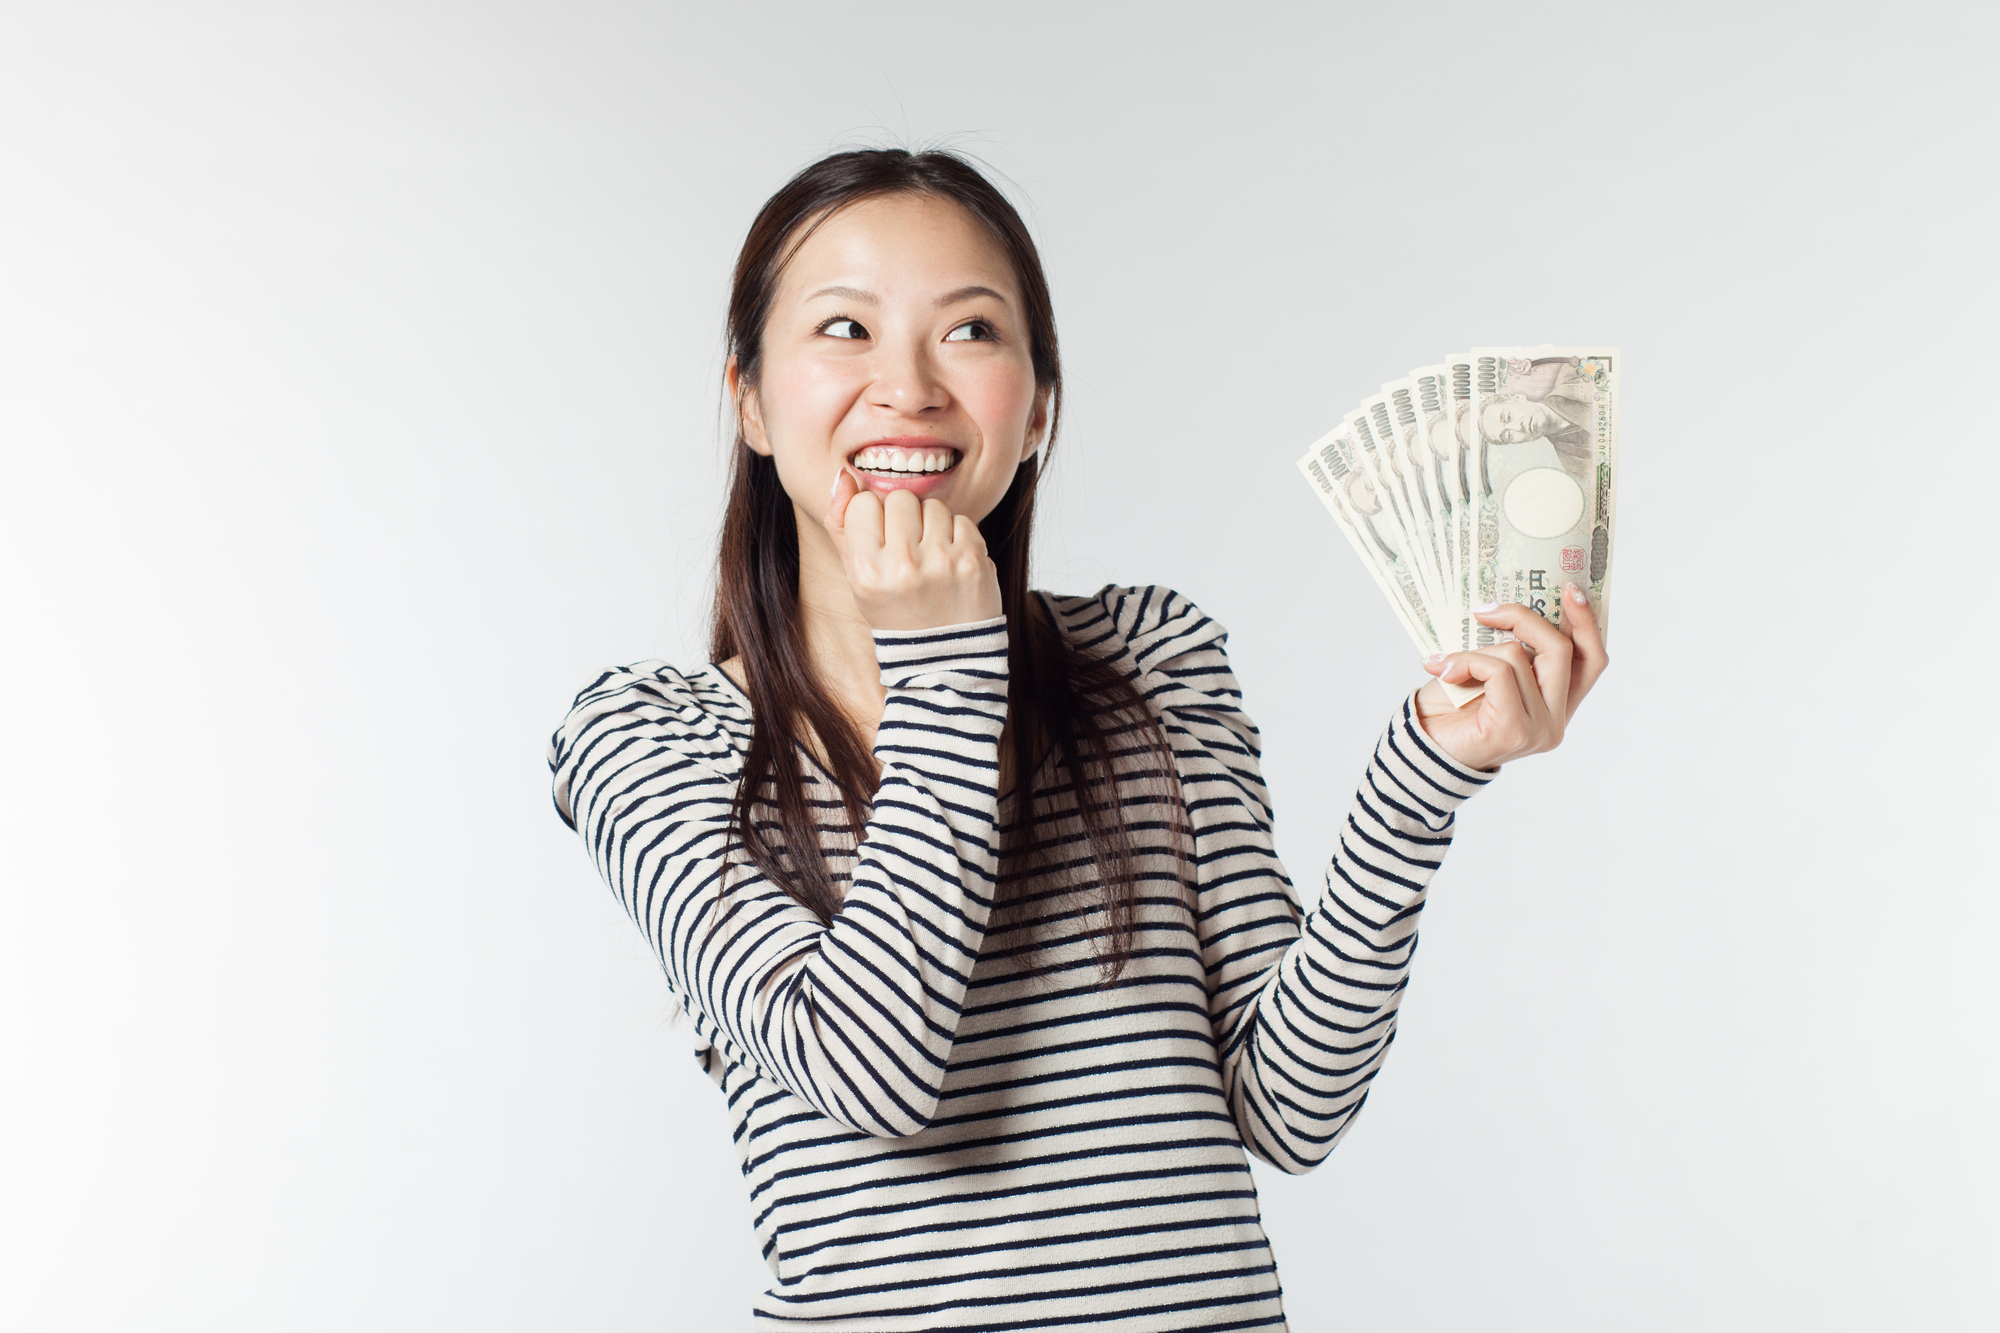 お金を持って笑っている女性